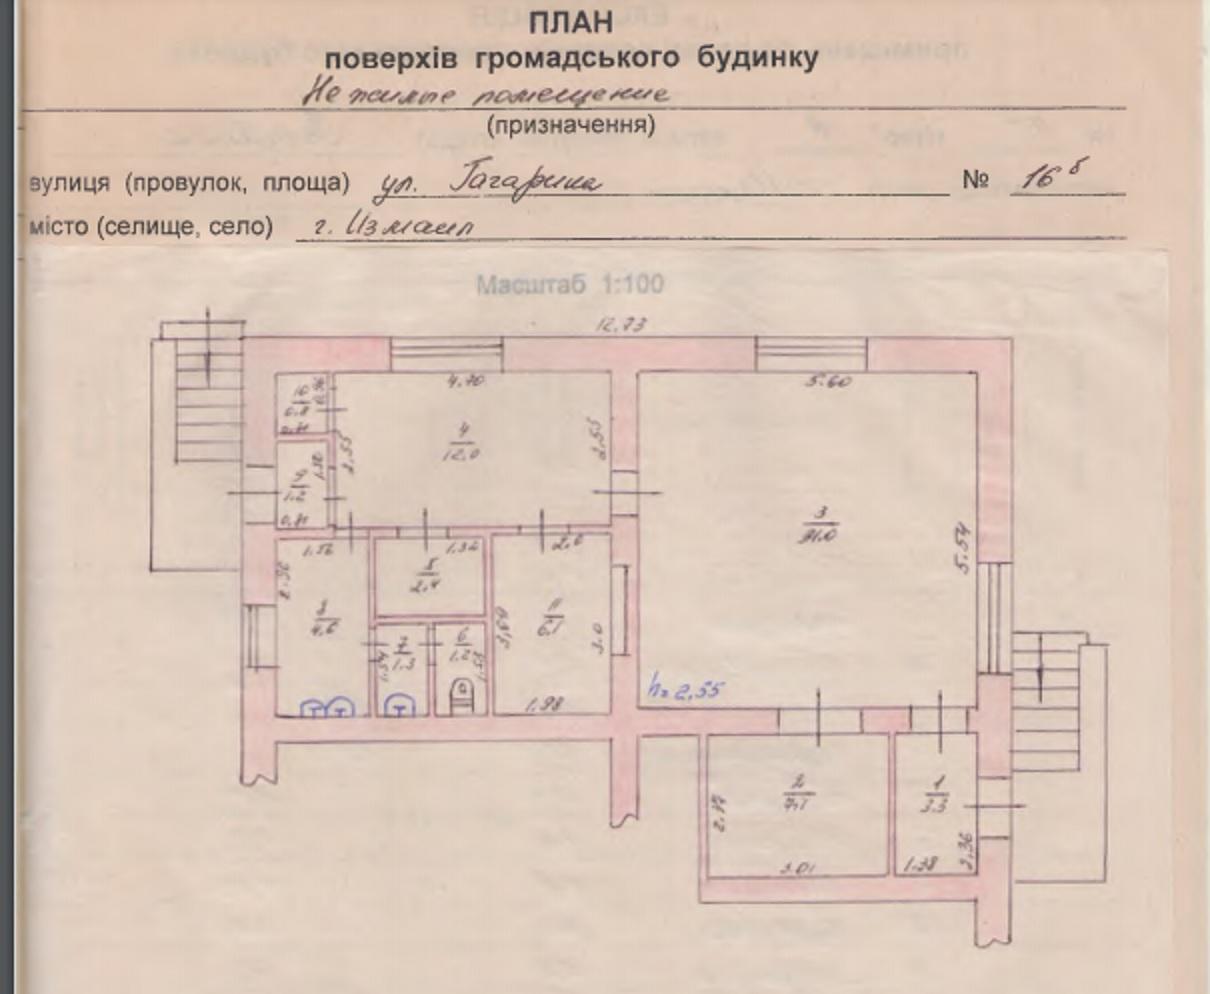 Измаил передаст горбольнице помещение на ул. Гагарина под служебное жилье для медиков